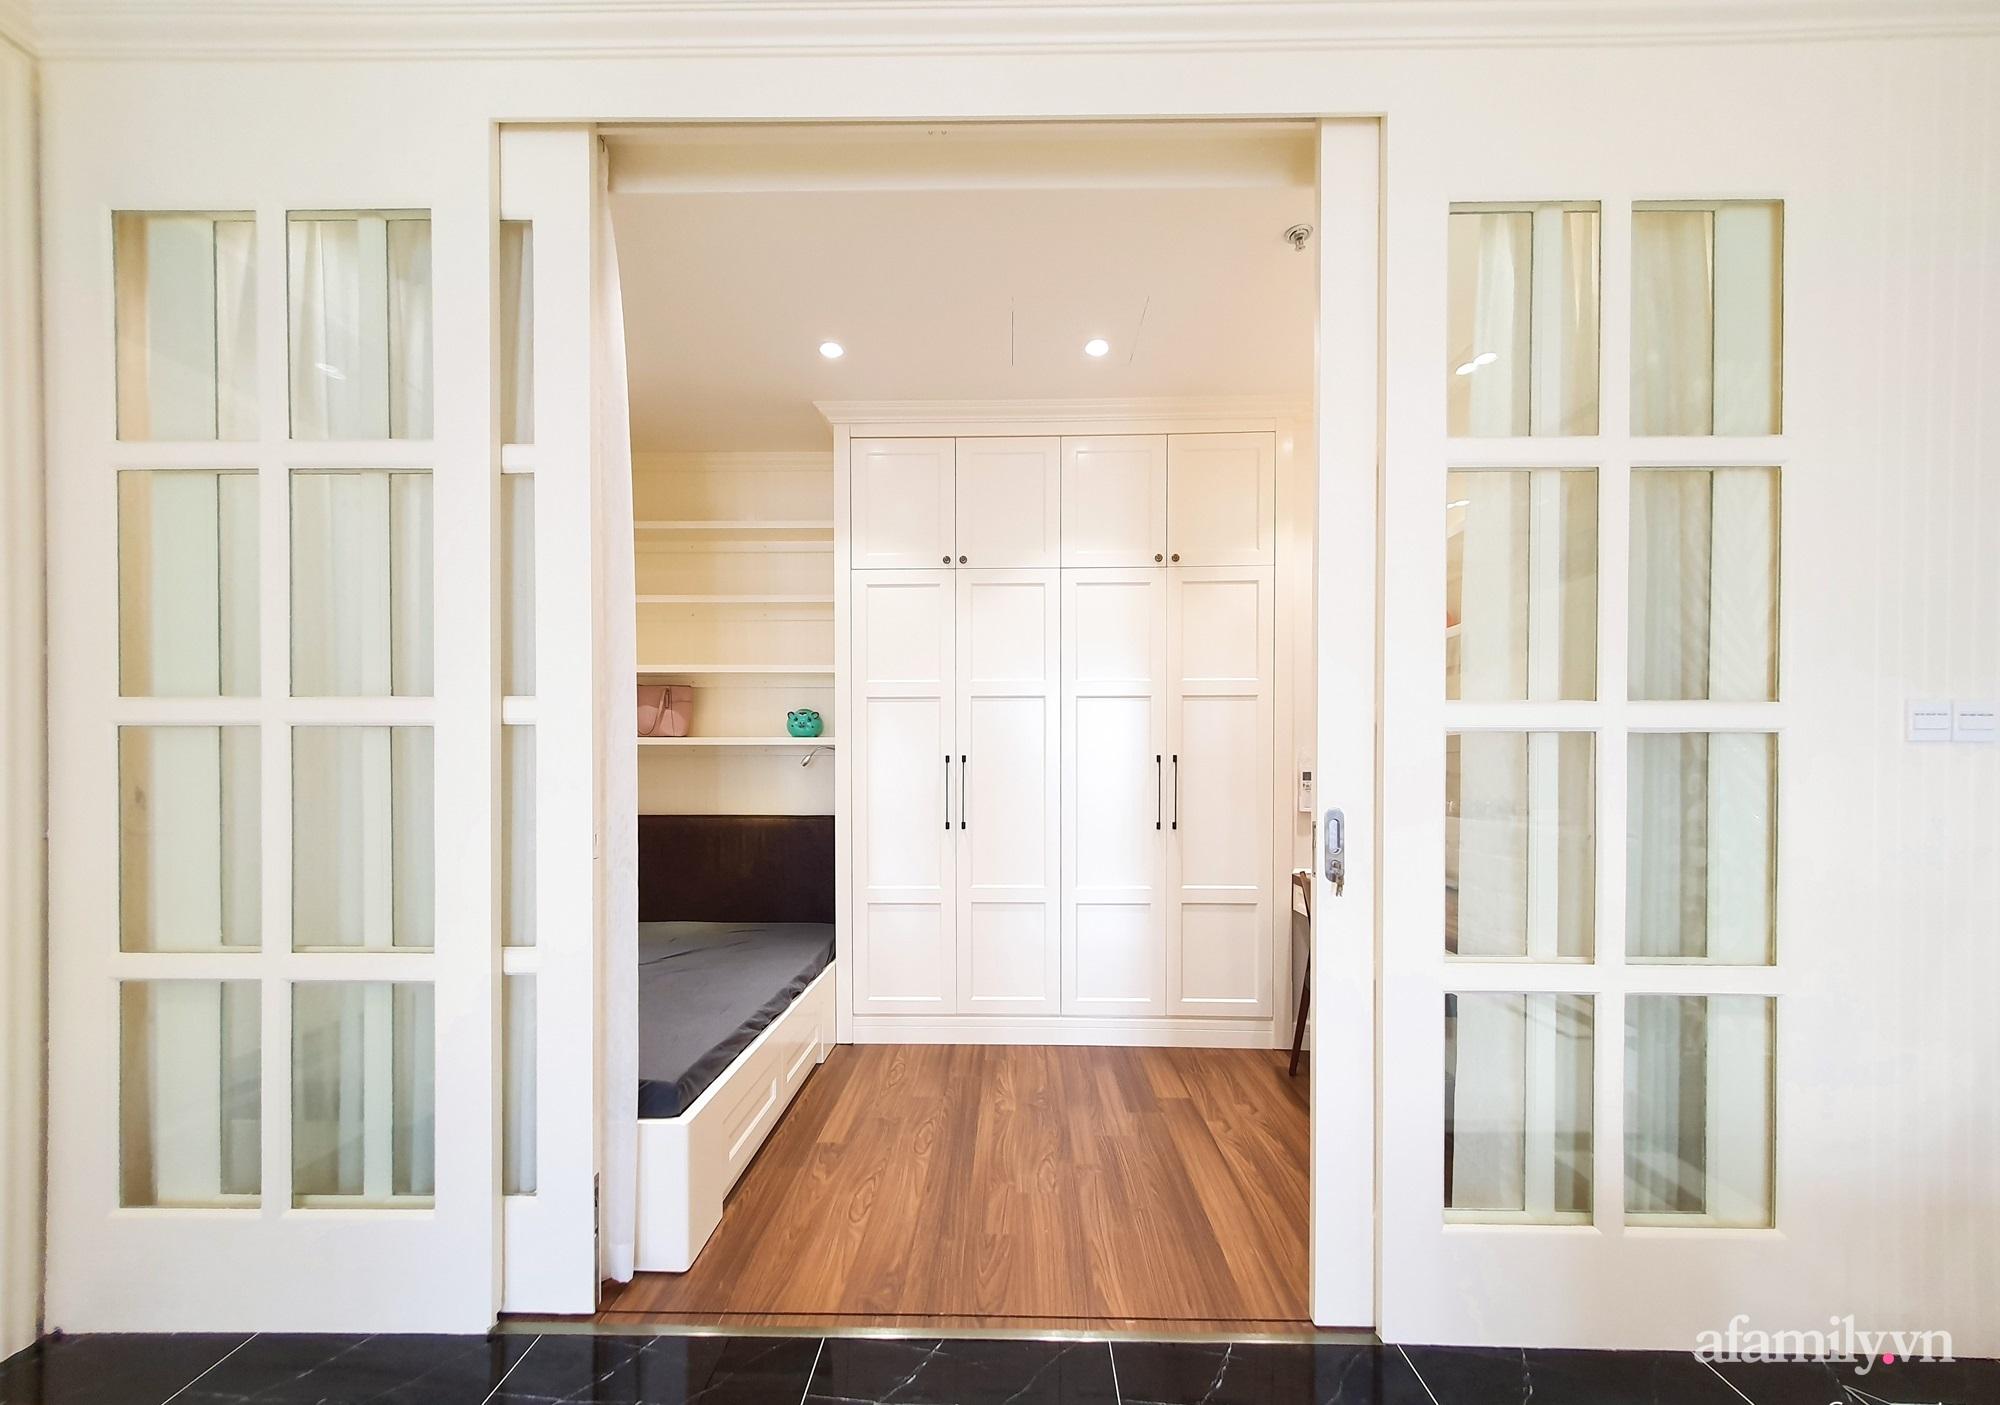 Căn hộ 121m² đẹp sang chảnh với phong cách bán cổ điển ở Hà Nội - Ảnh 12.